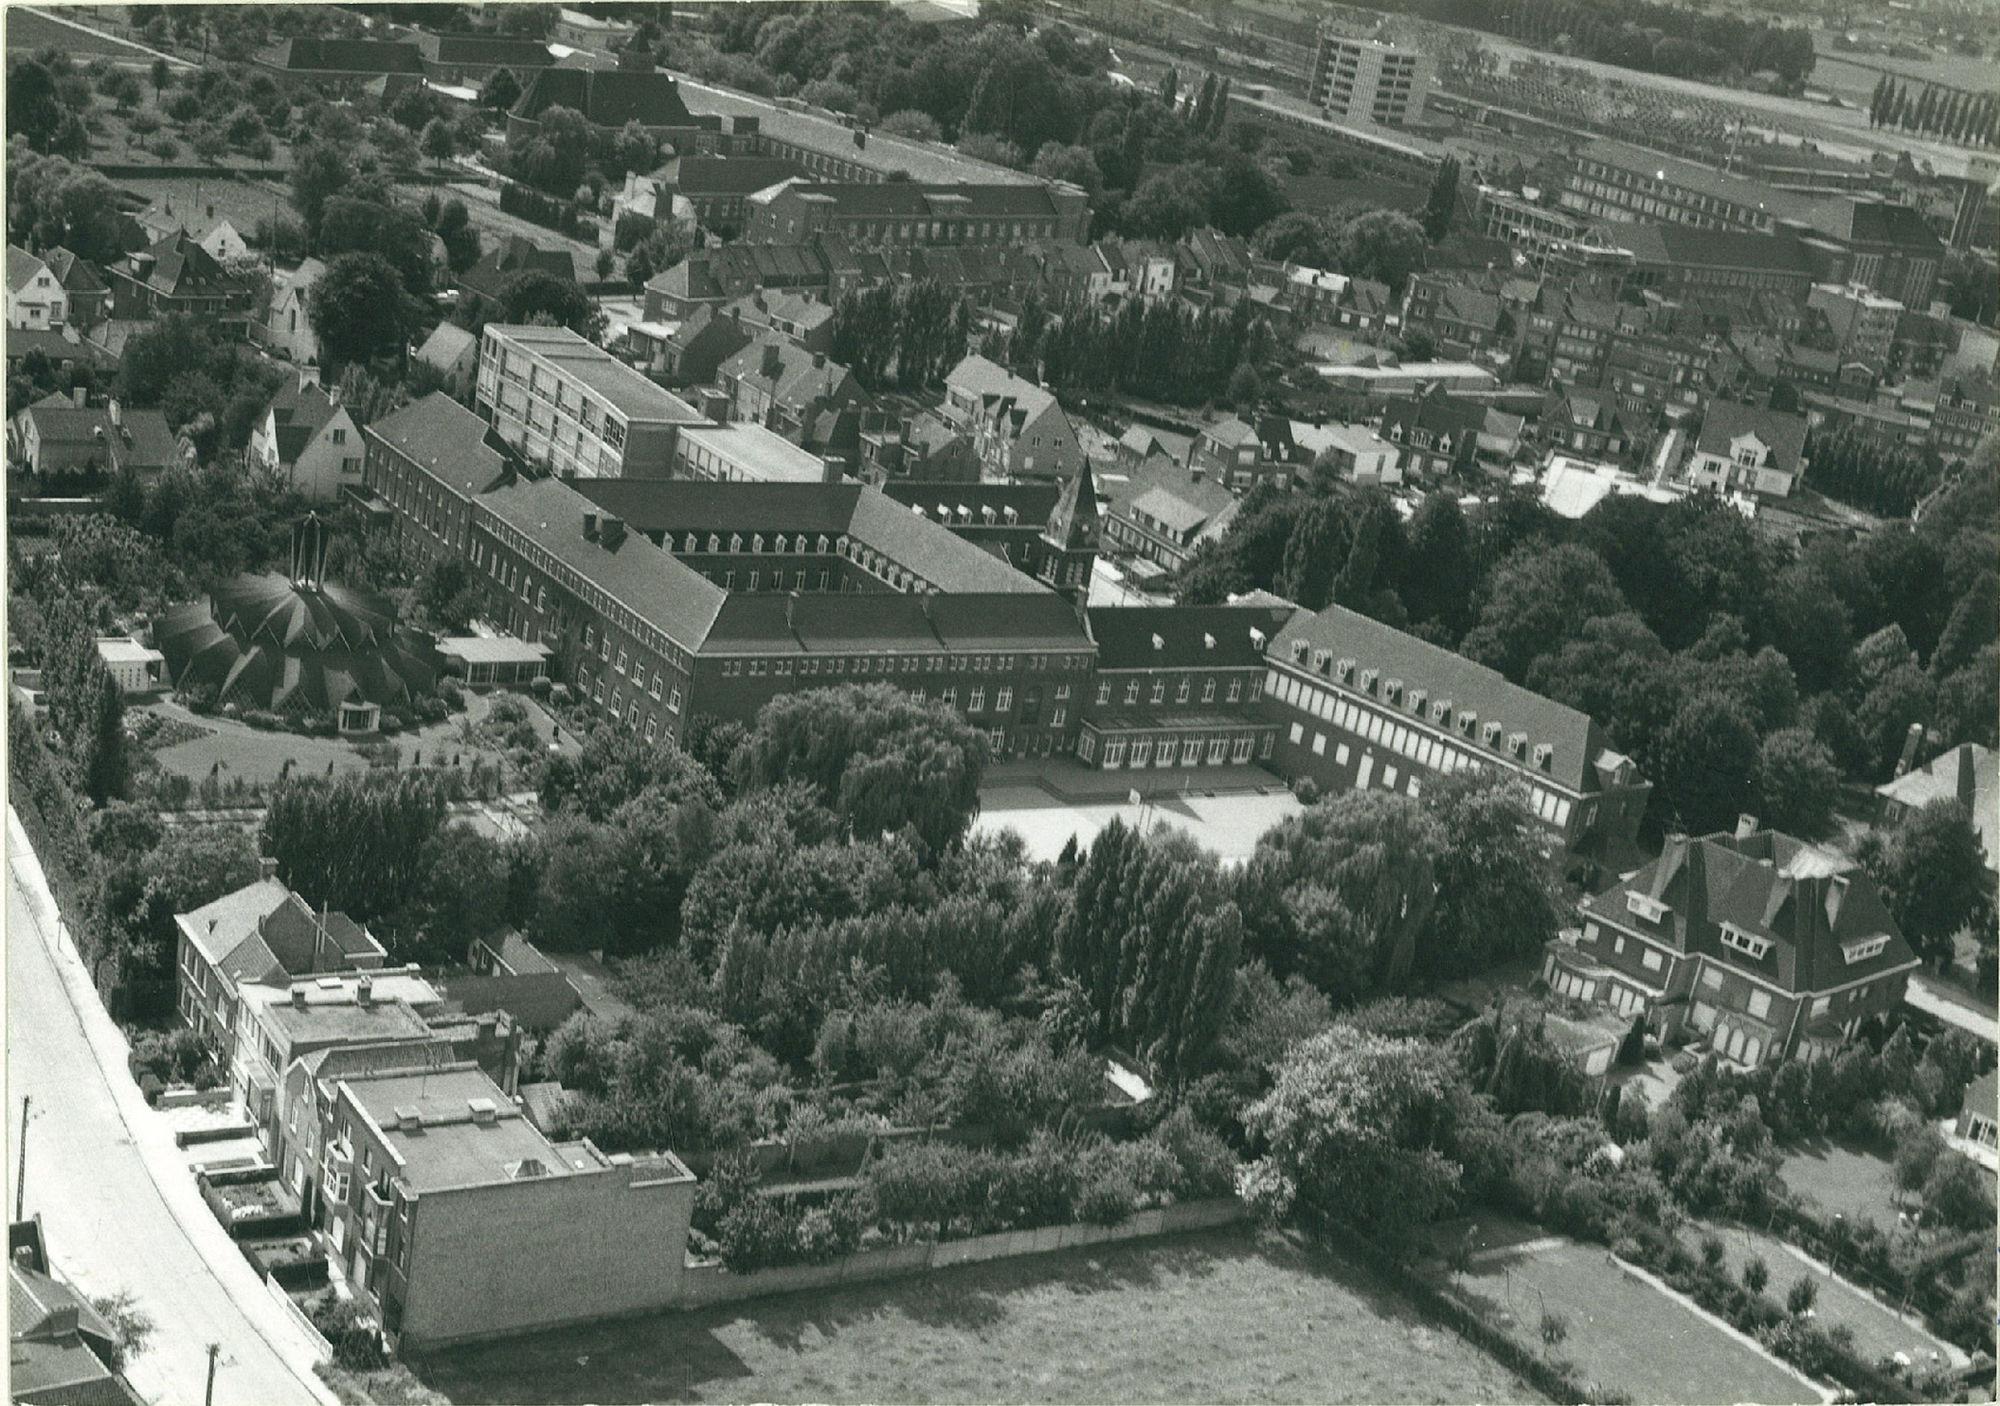 Luchtfoto van de school Onze-Lieve-Vrouw Van Vlaanderen in 1968